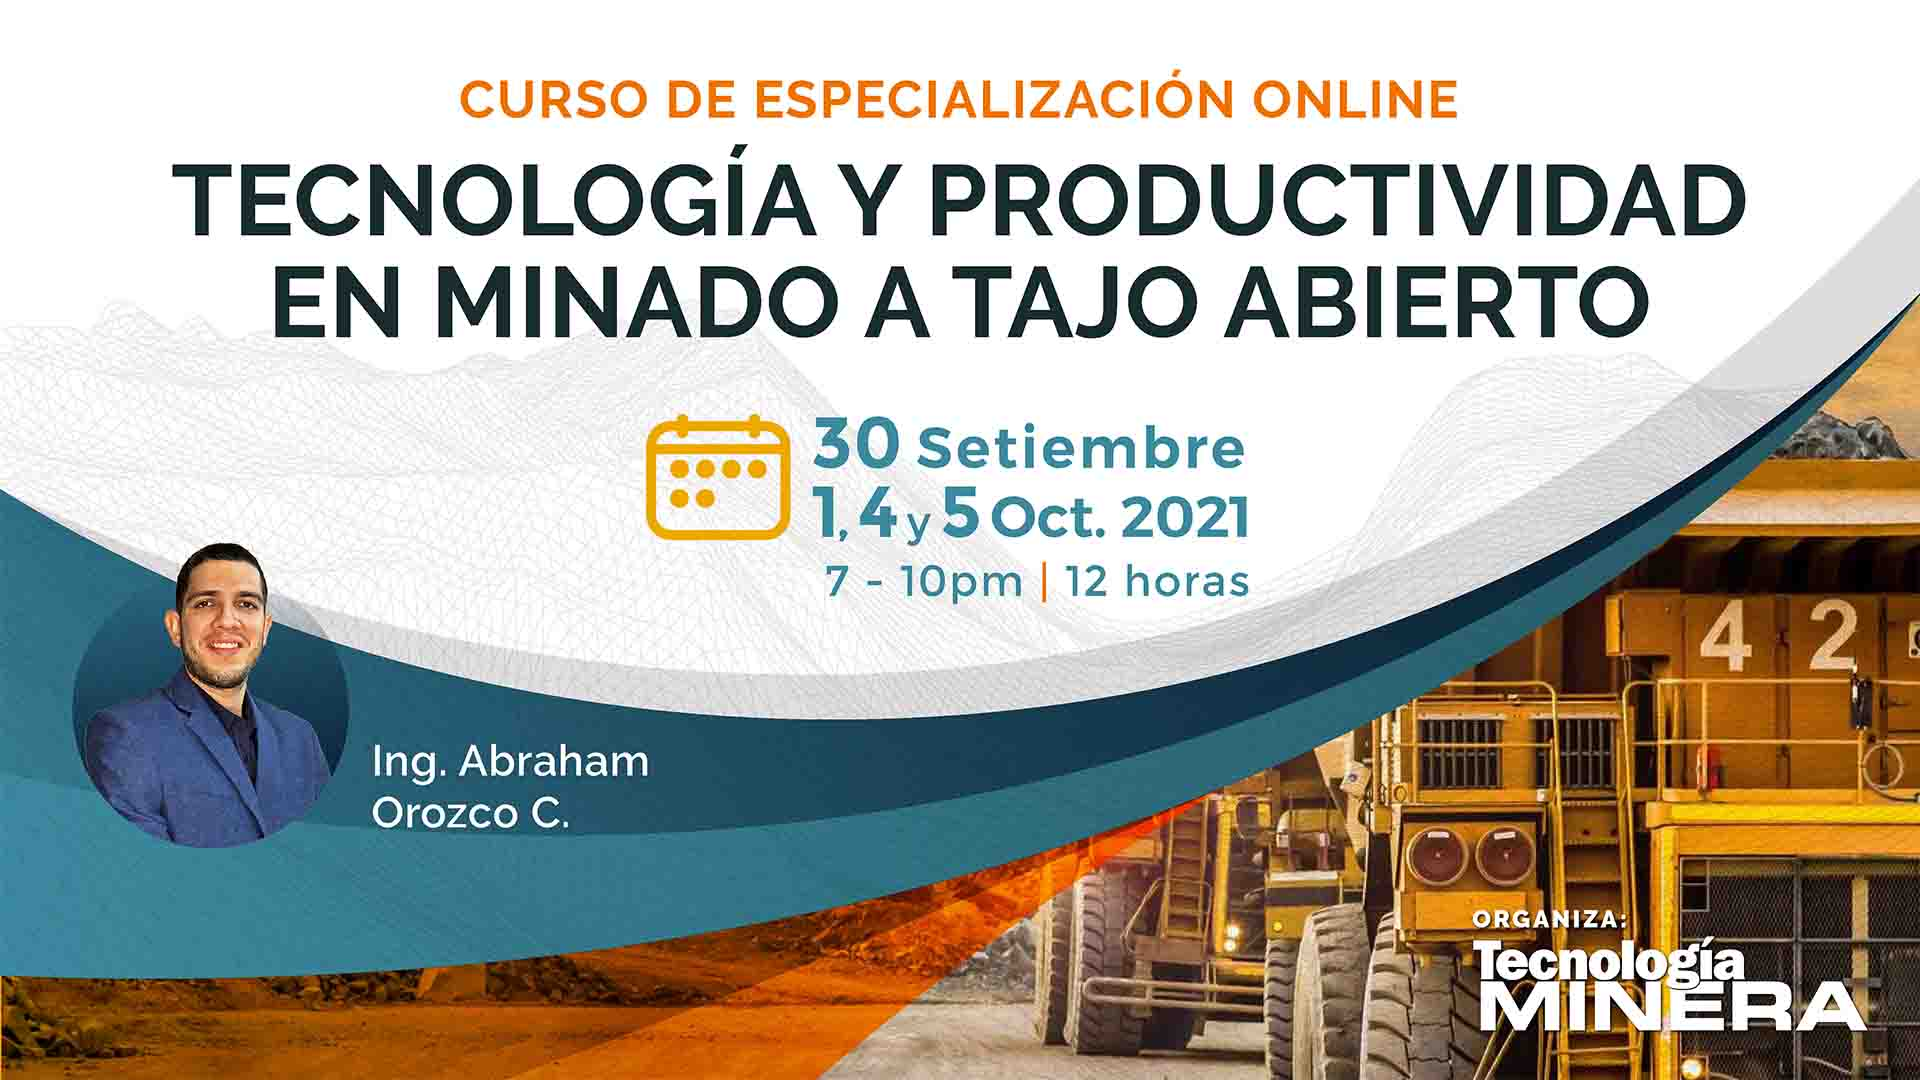 Tecnología y productividad en minado a tajo abierto